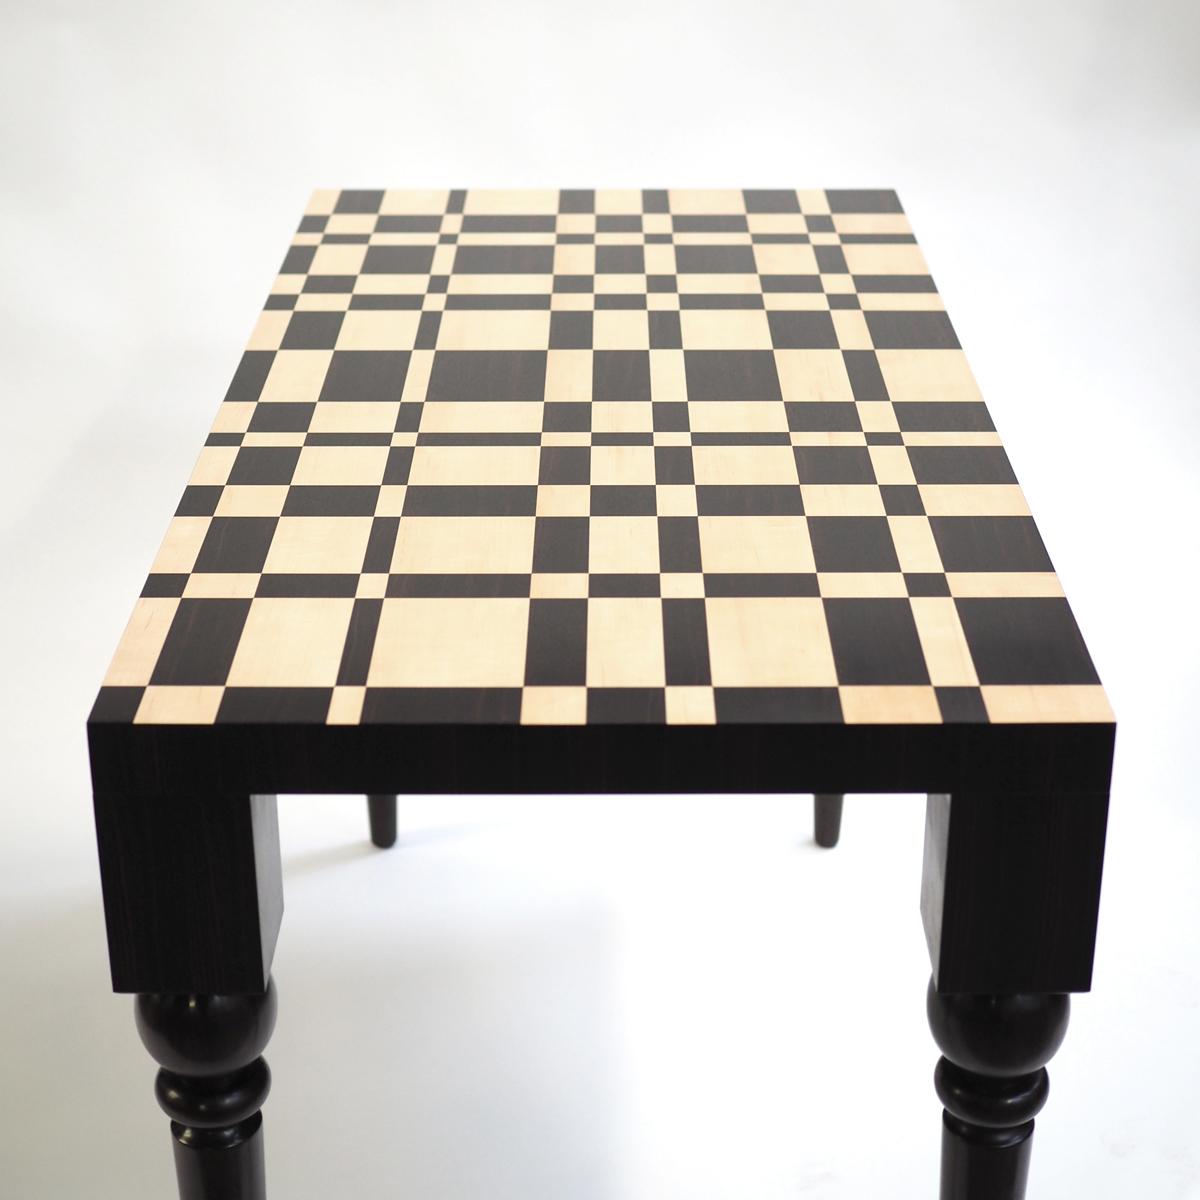 random-contrasting-veneered-table-top.jpg